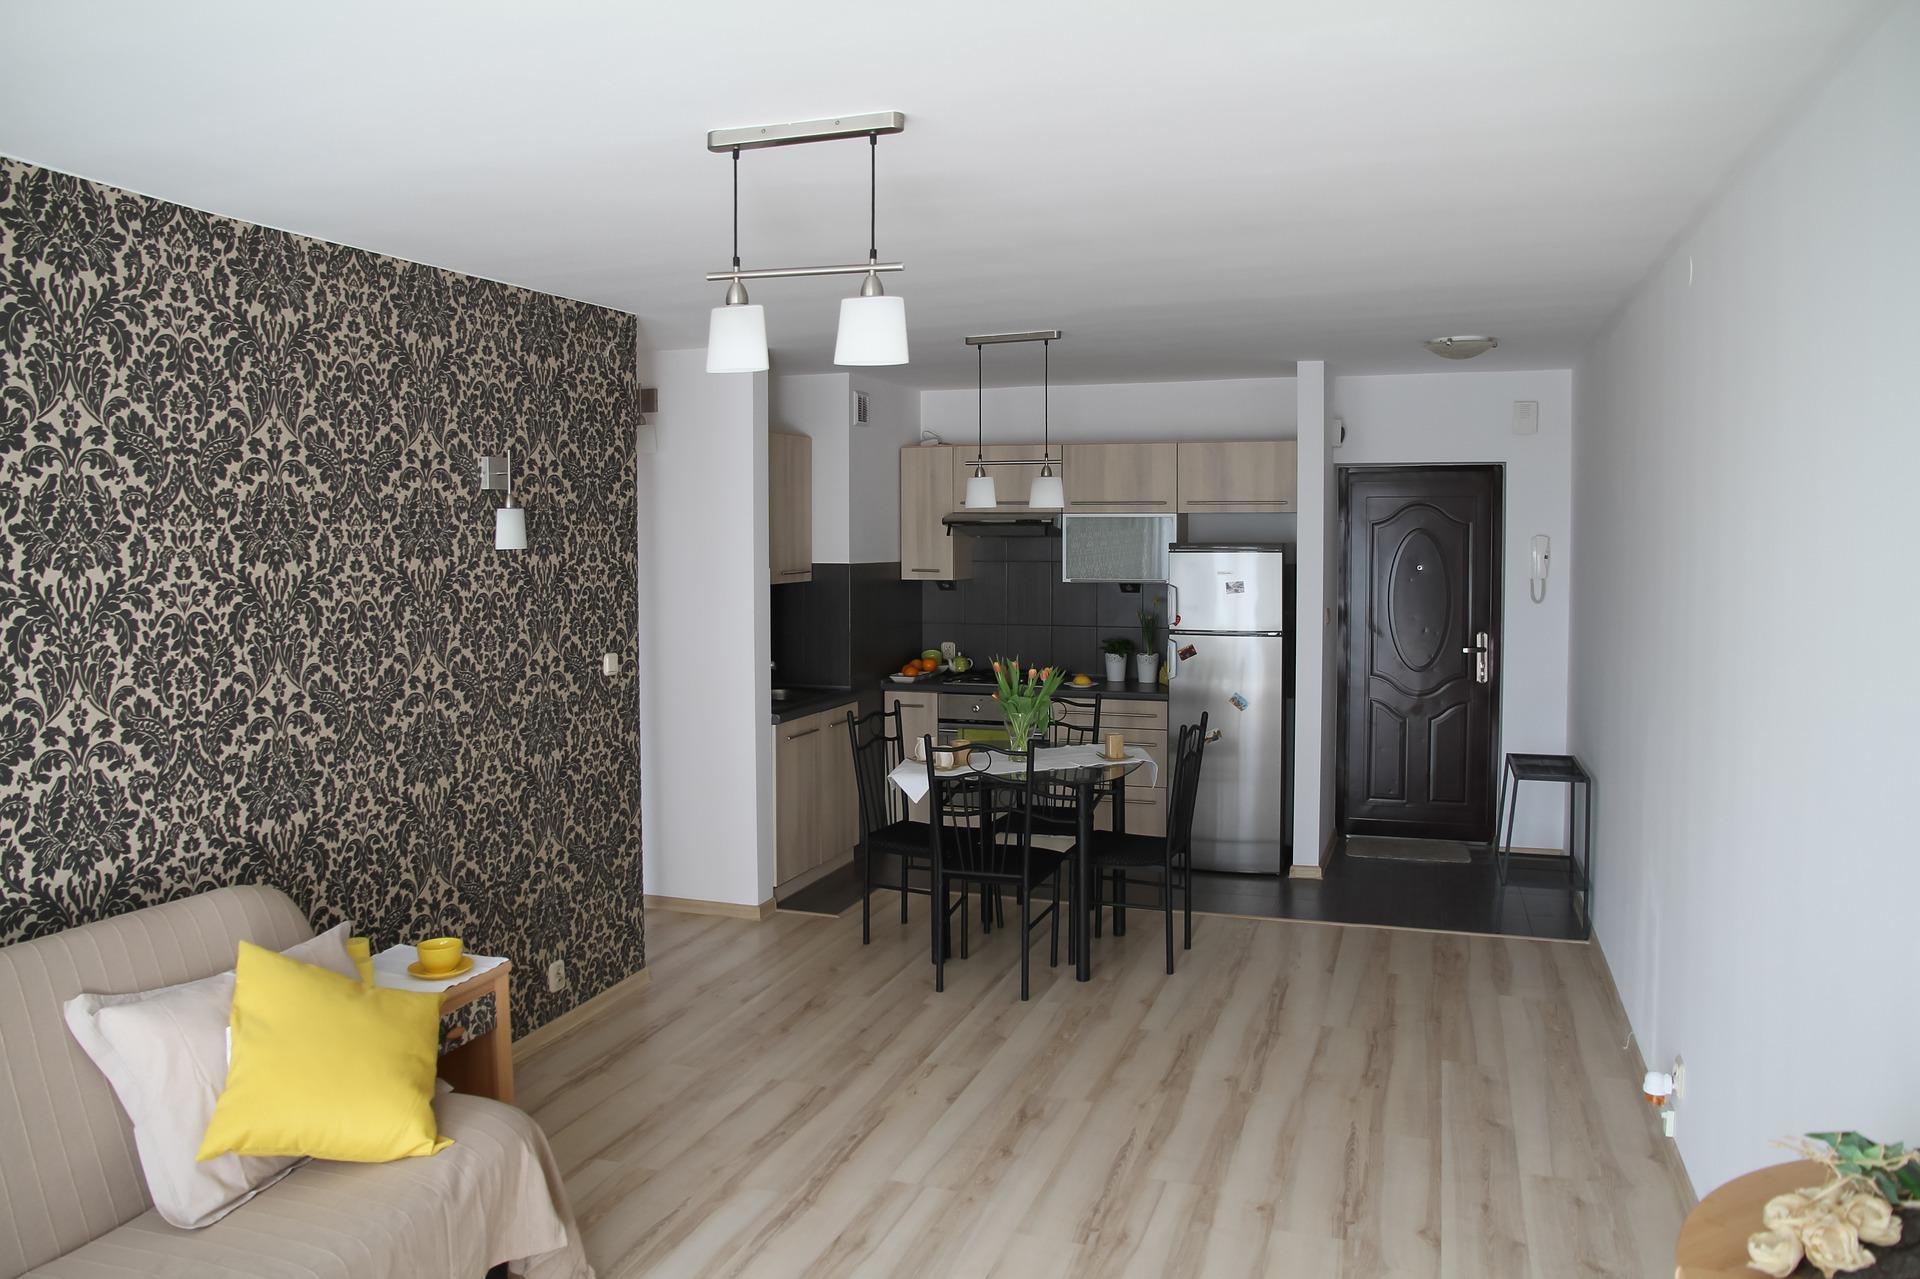 apartment-2094645_1920